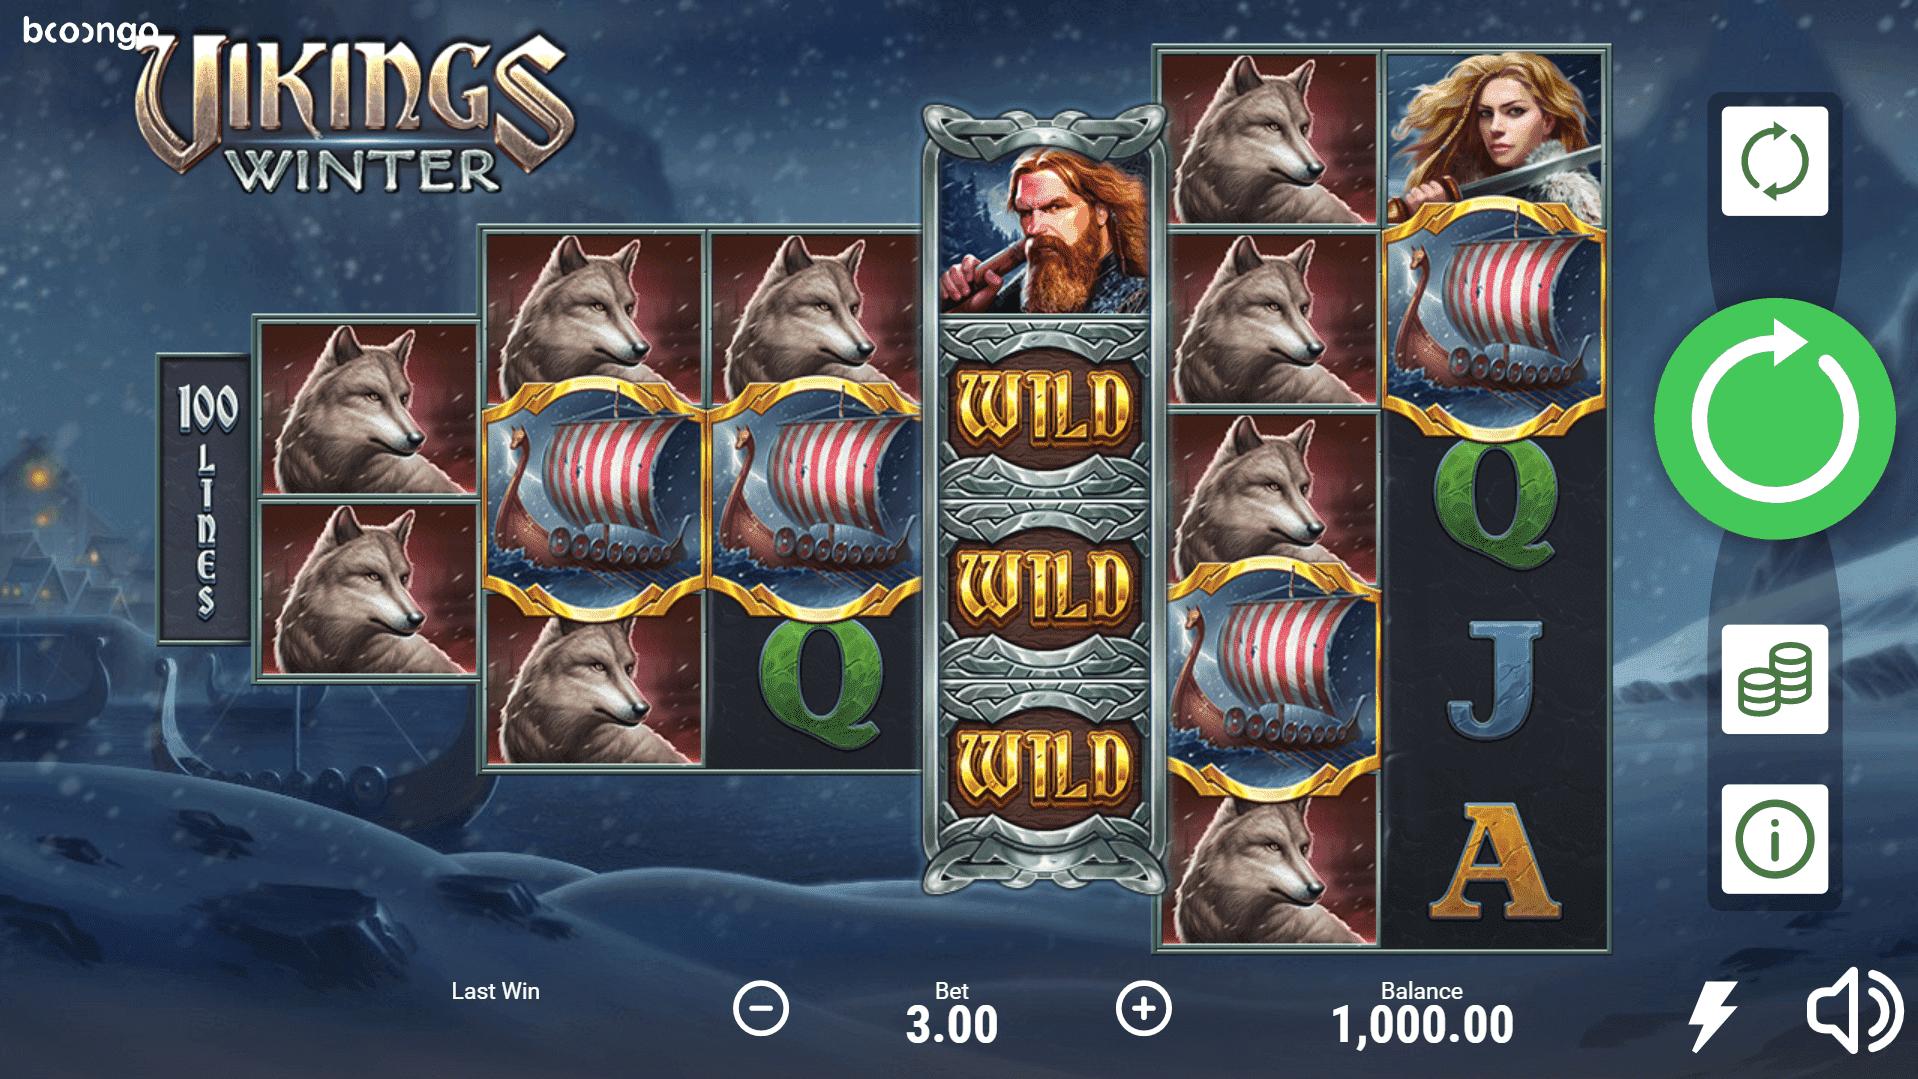 Vikings Winter slot machine screenshot